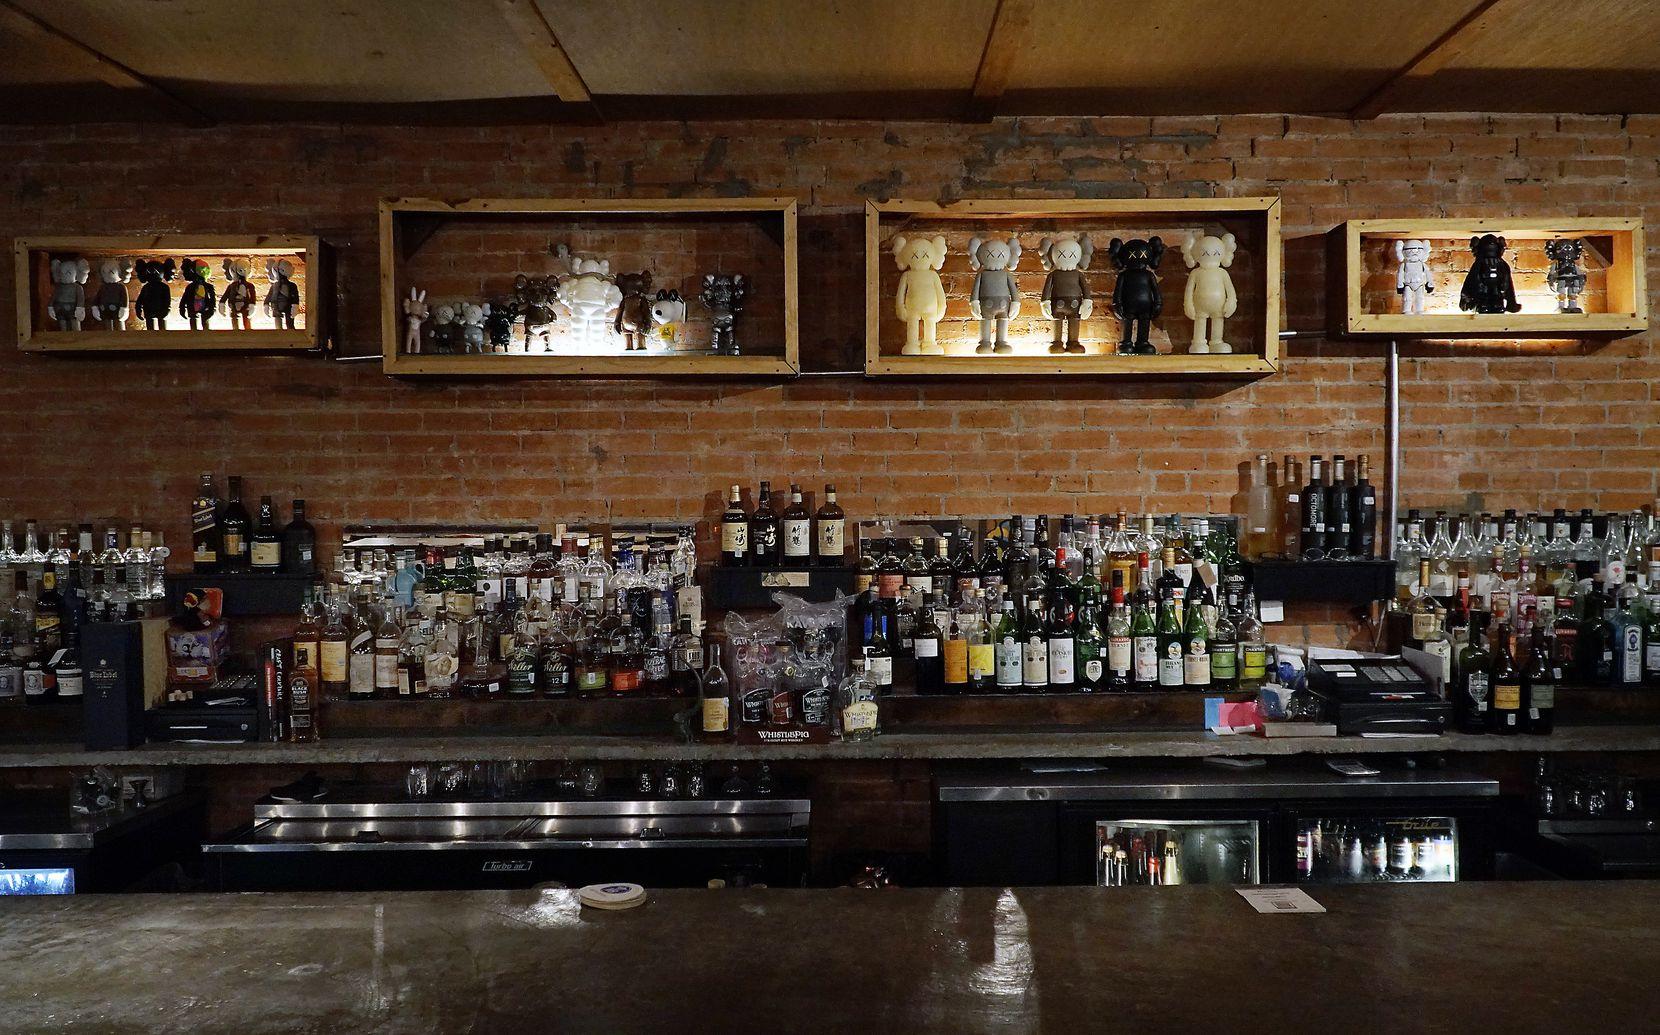 Strangeways restaurant in Dallas